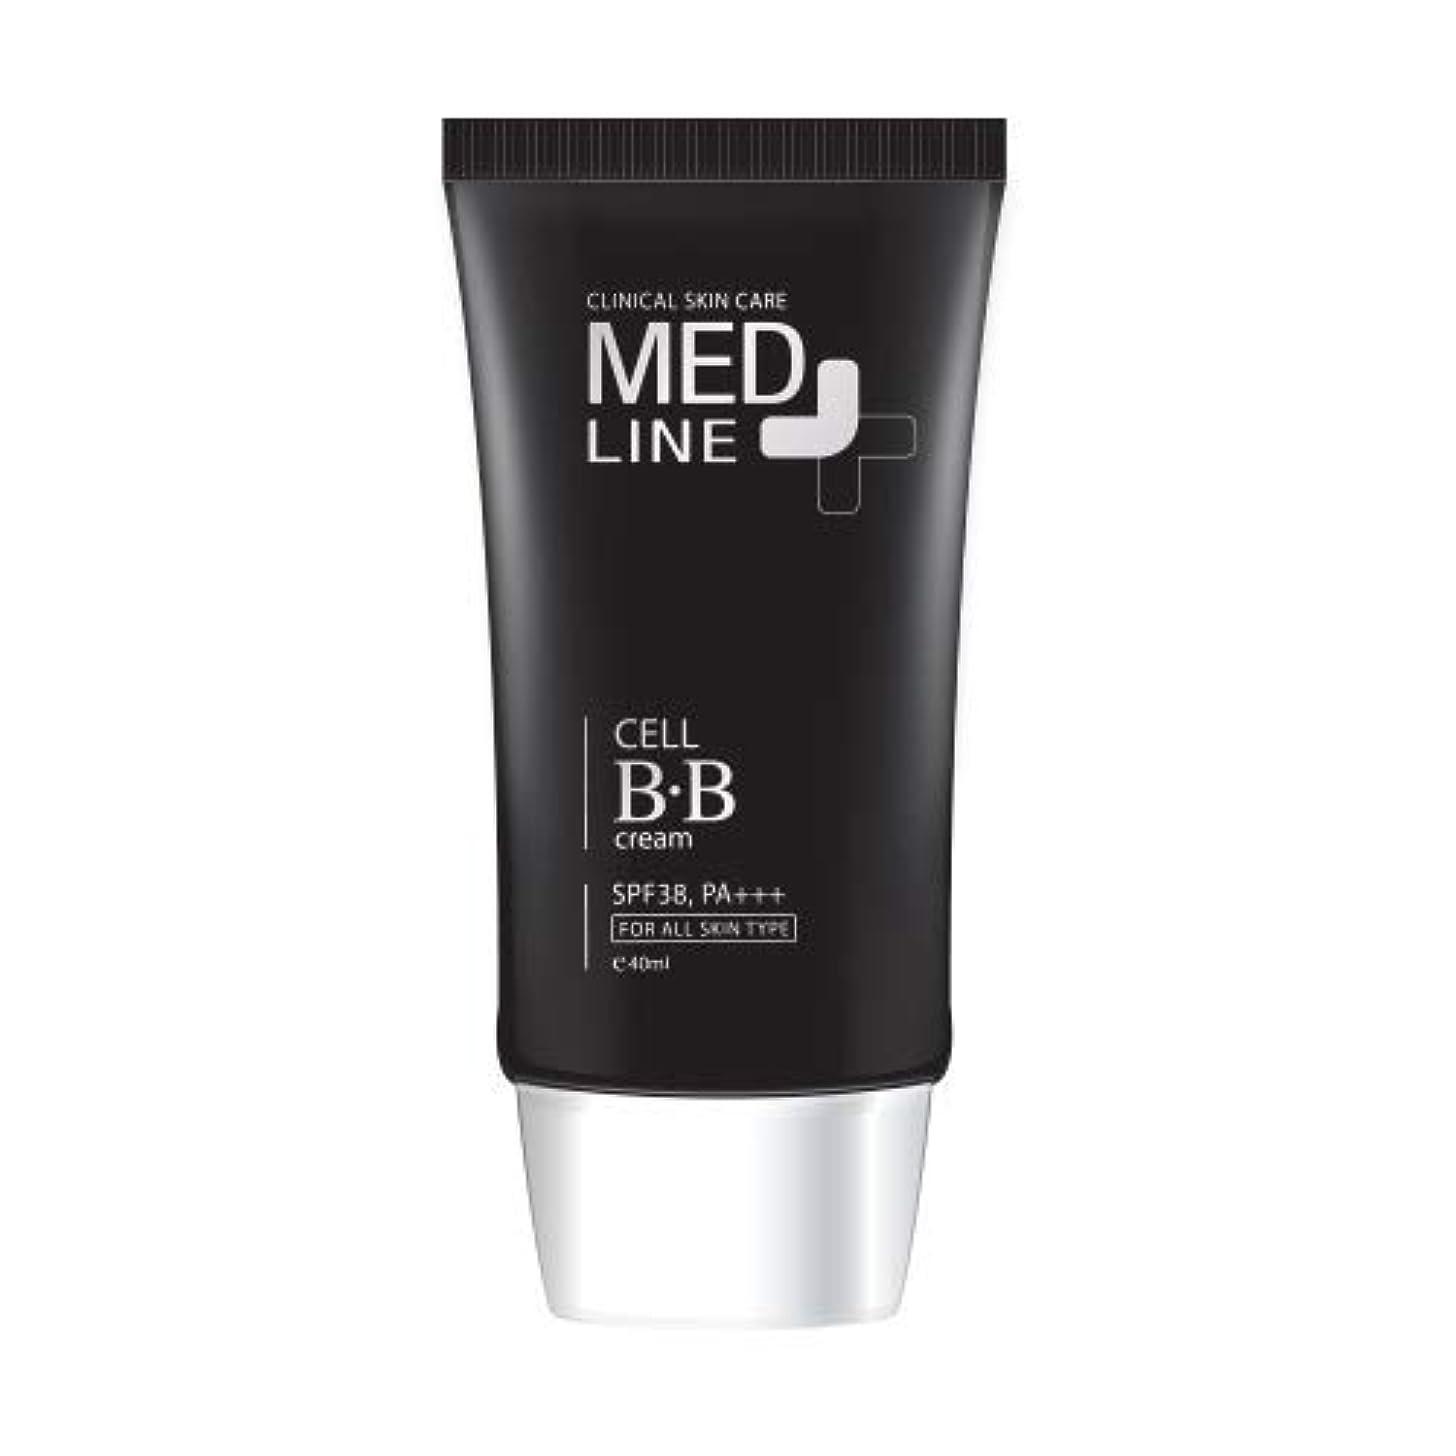 ドットレジスリラーメドライン(Med Line) セルBBクリーム(Cell B.B Cream)